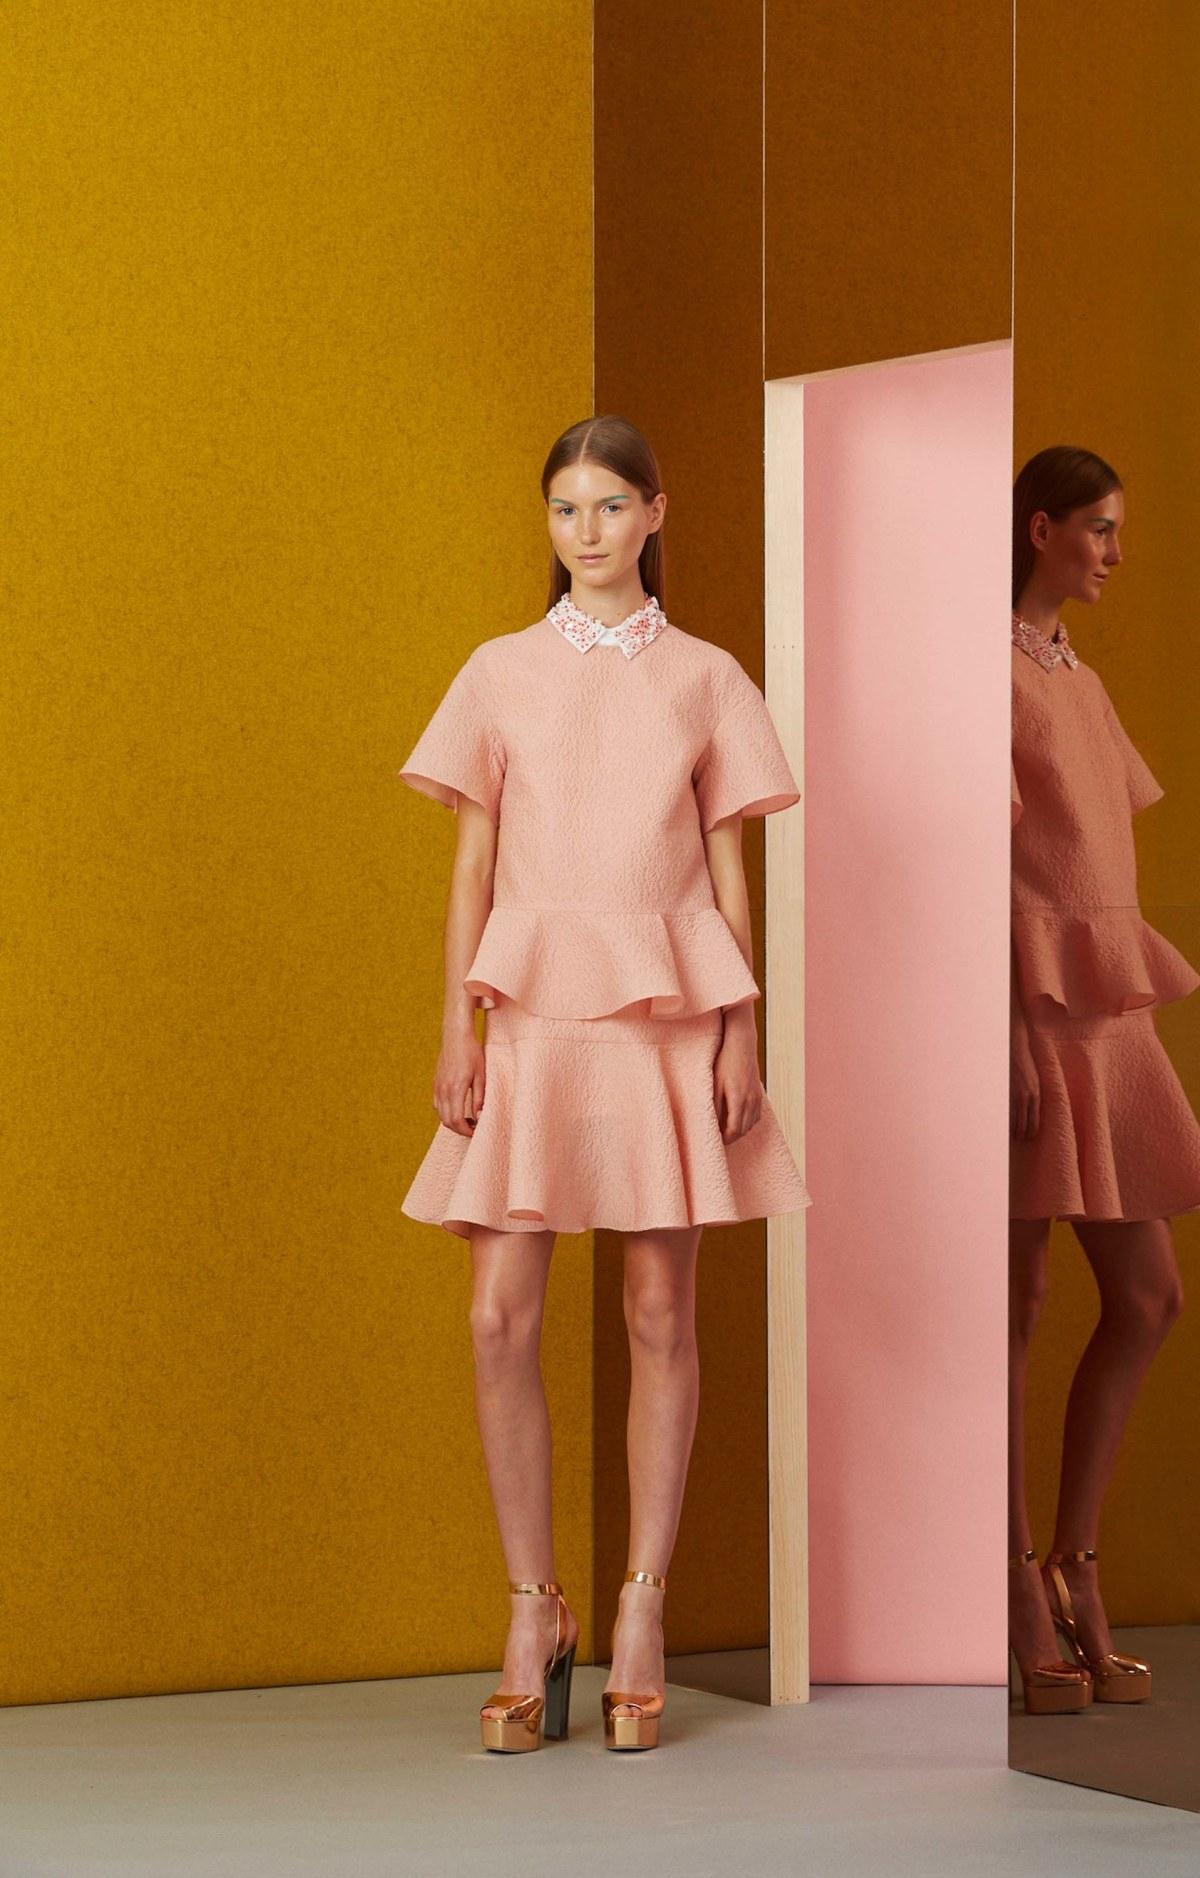 Lela-Rose-Resort-2017-fashion-show-the-impression-001